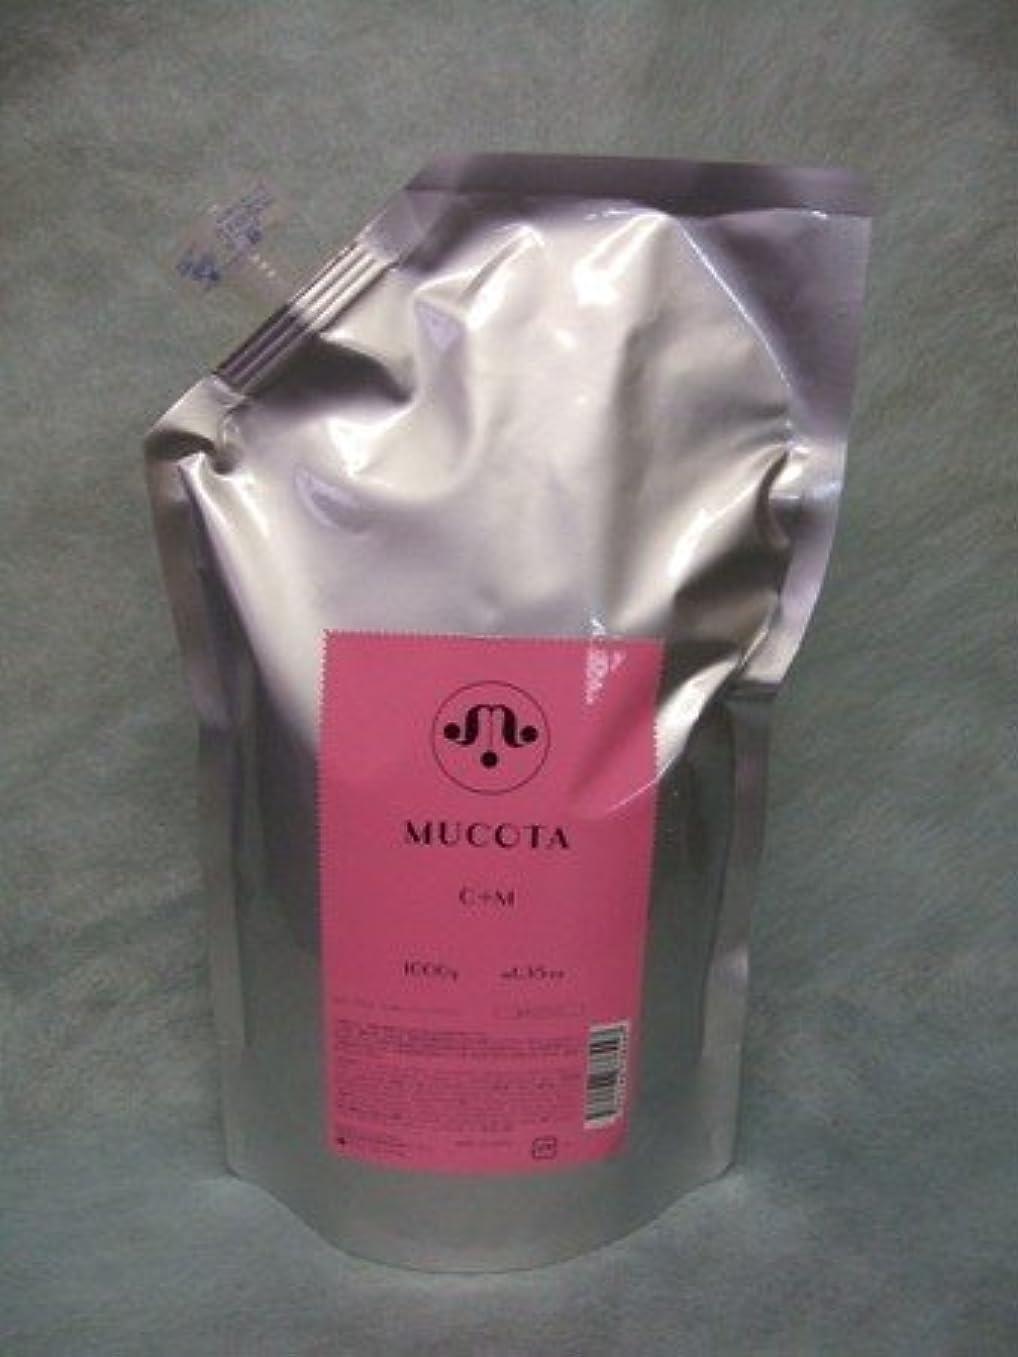 パラナ川拡声器新しい意味【MUCOTA】ムコタ ライブ ルミネスタ C+M 1000g【詰替え】【業務用】